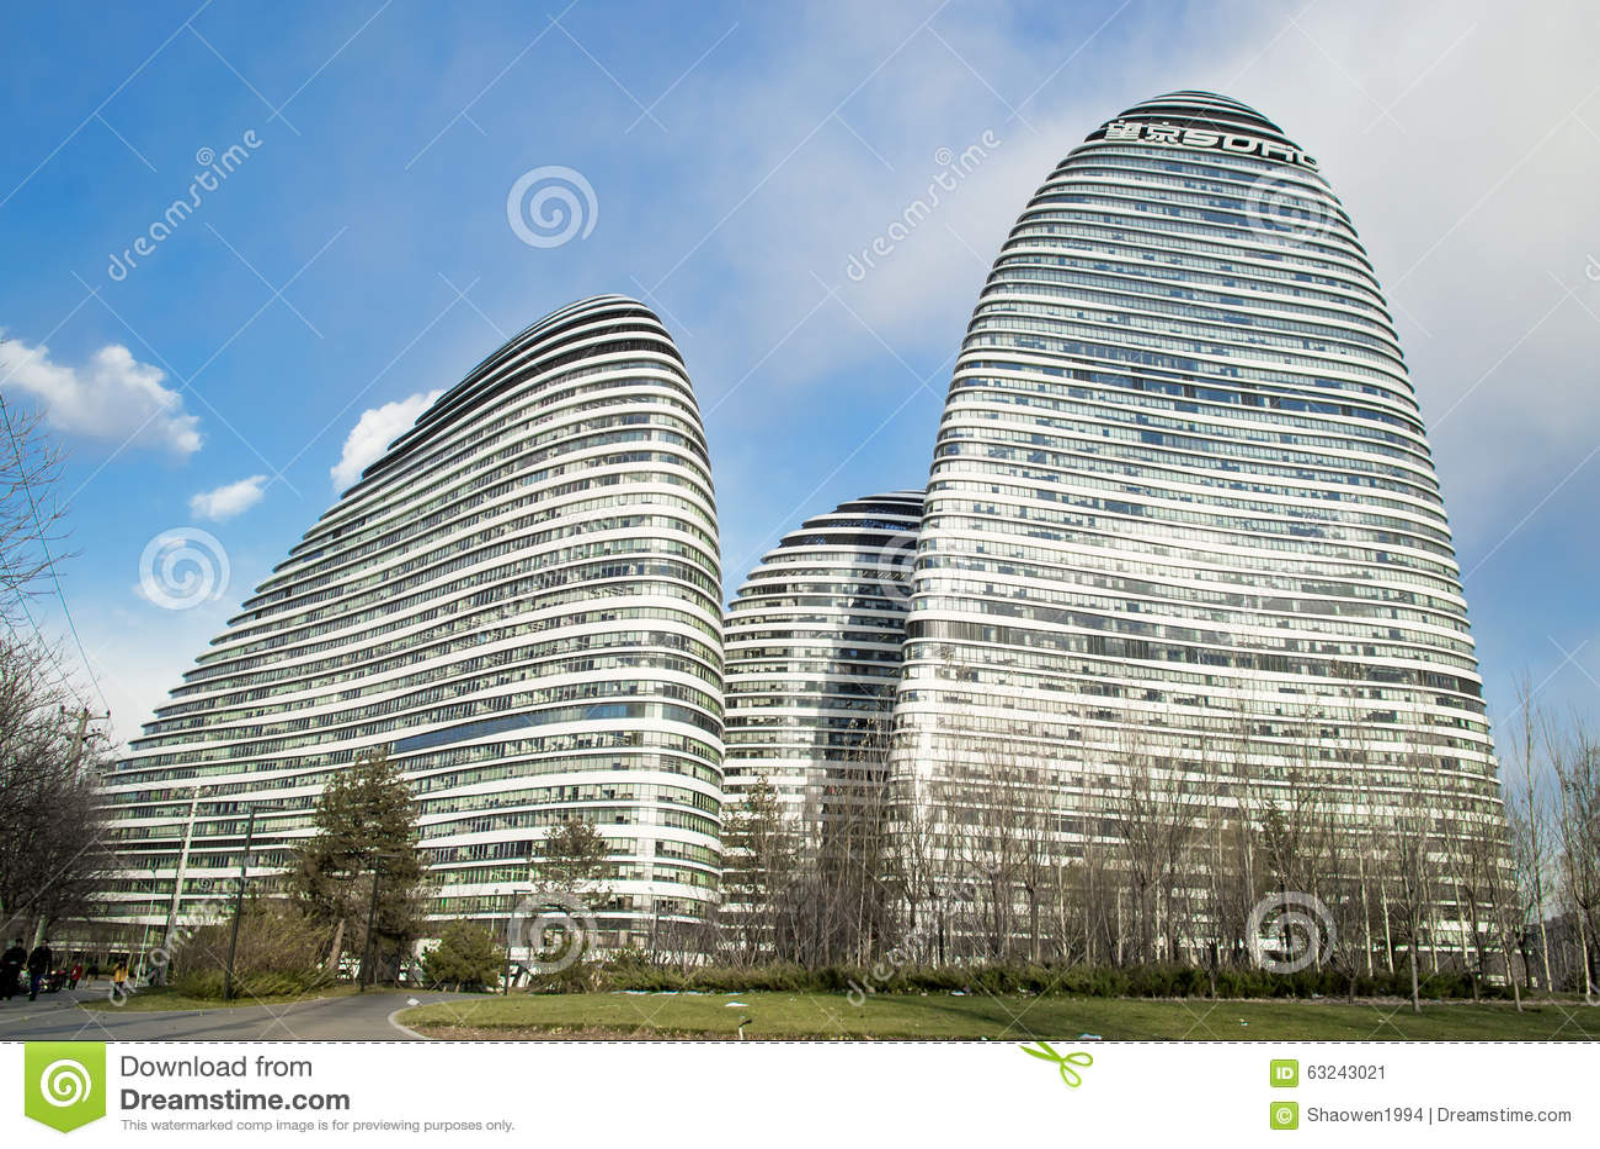 Modern landmark architecture Wangjing SOHO in beijing